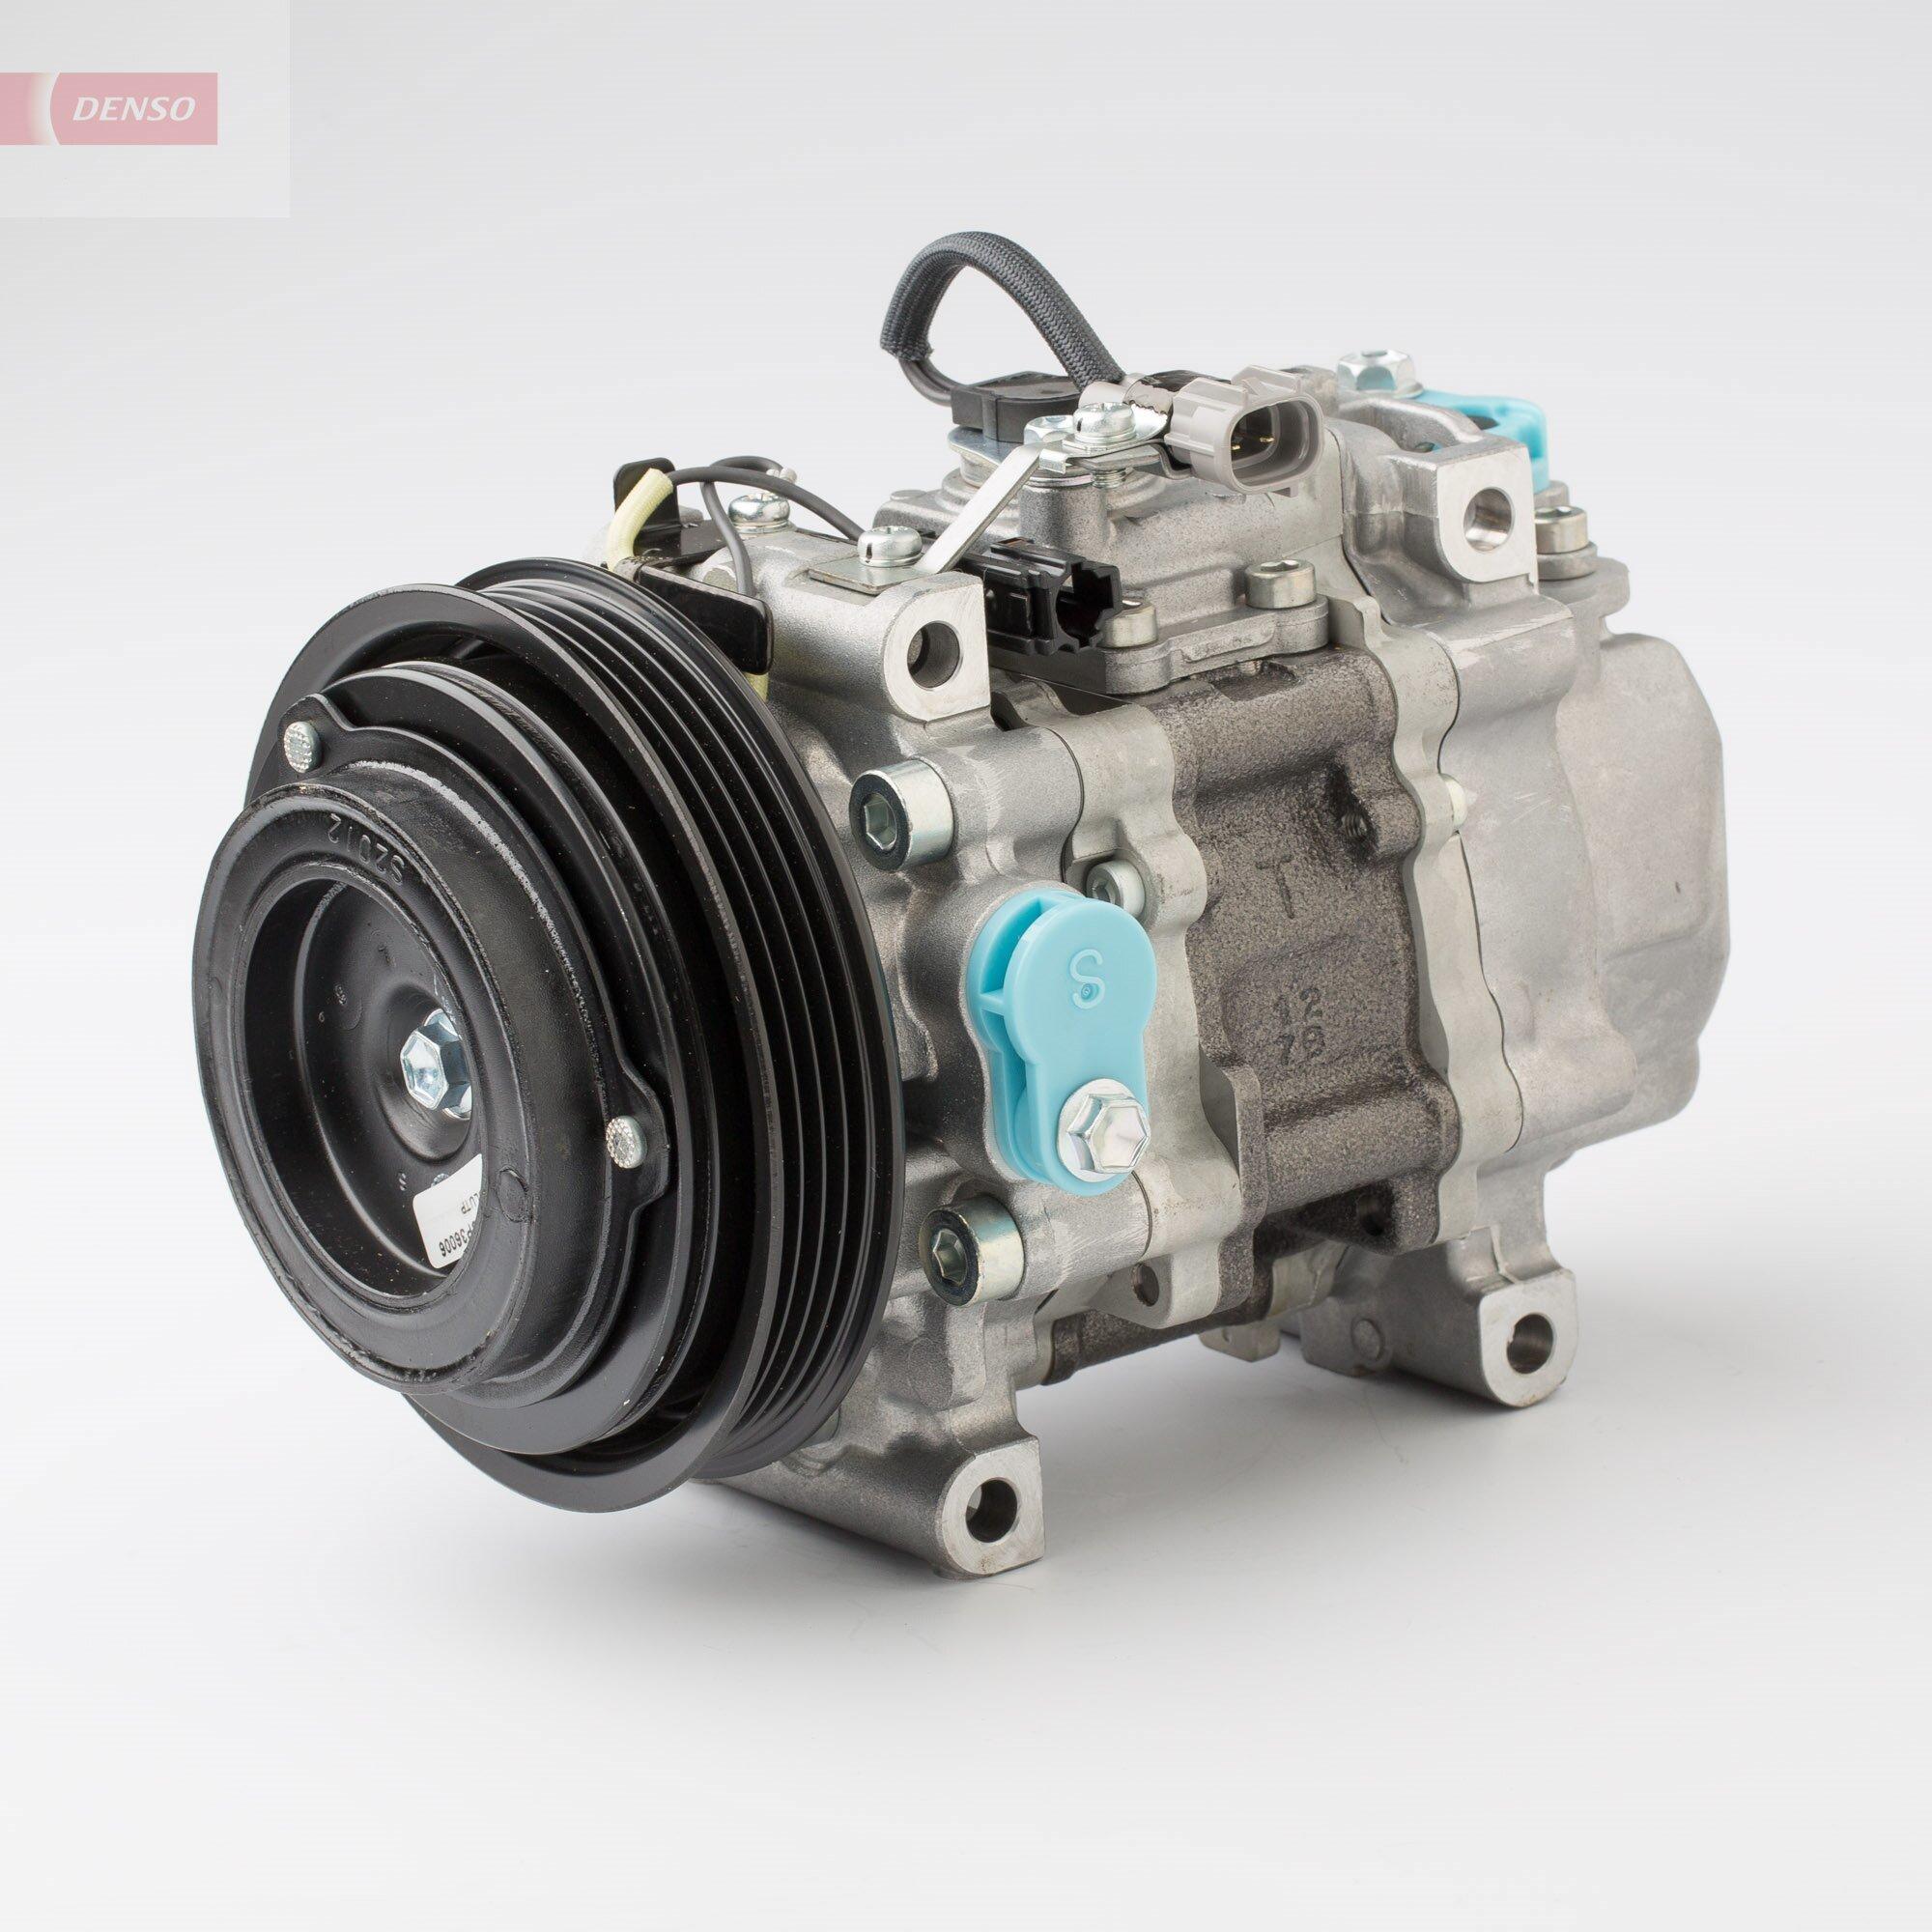 Kompressor, Klimaanlage 12 V DENSO DCP36006